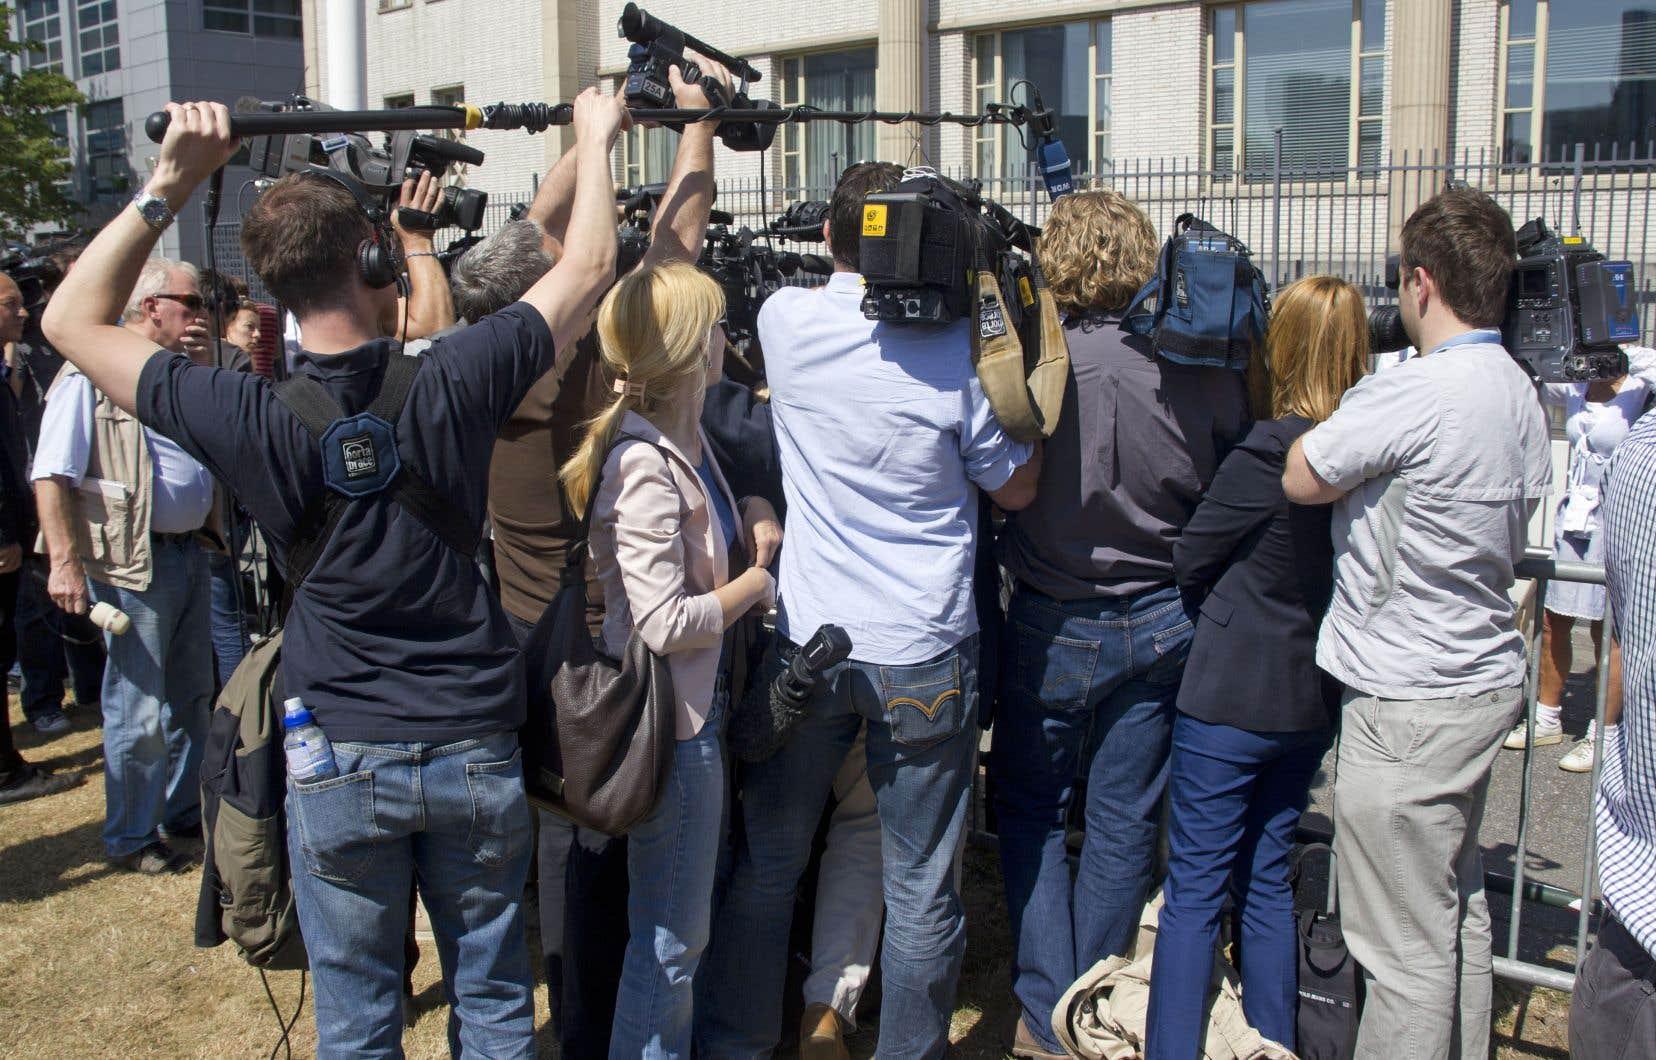 Les pays présentant un haut degré de liberté économique sont ceux où il y a moins de journalistes attaqués, le moins de lois et réglementations imposées aux médias et le moins de pressions politiques pour contrôler leur contenu.